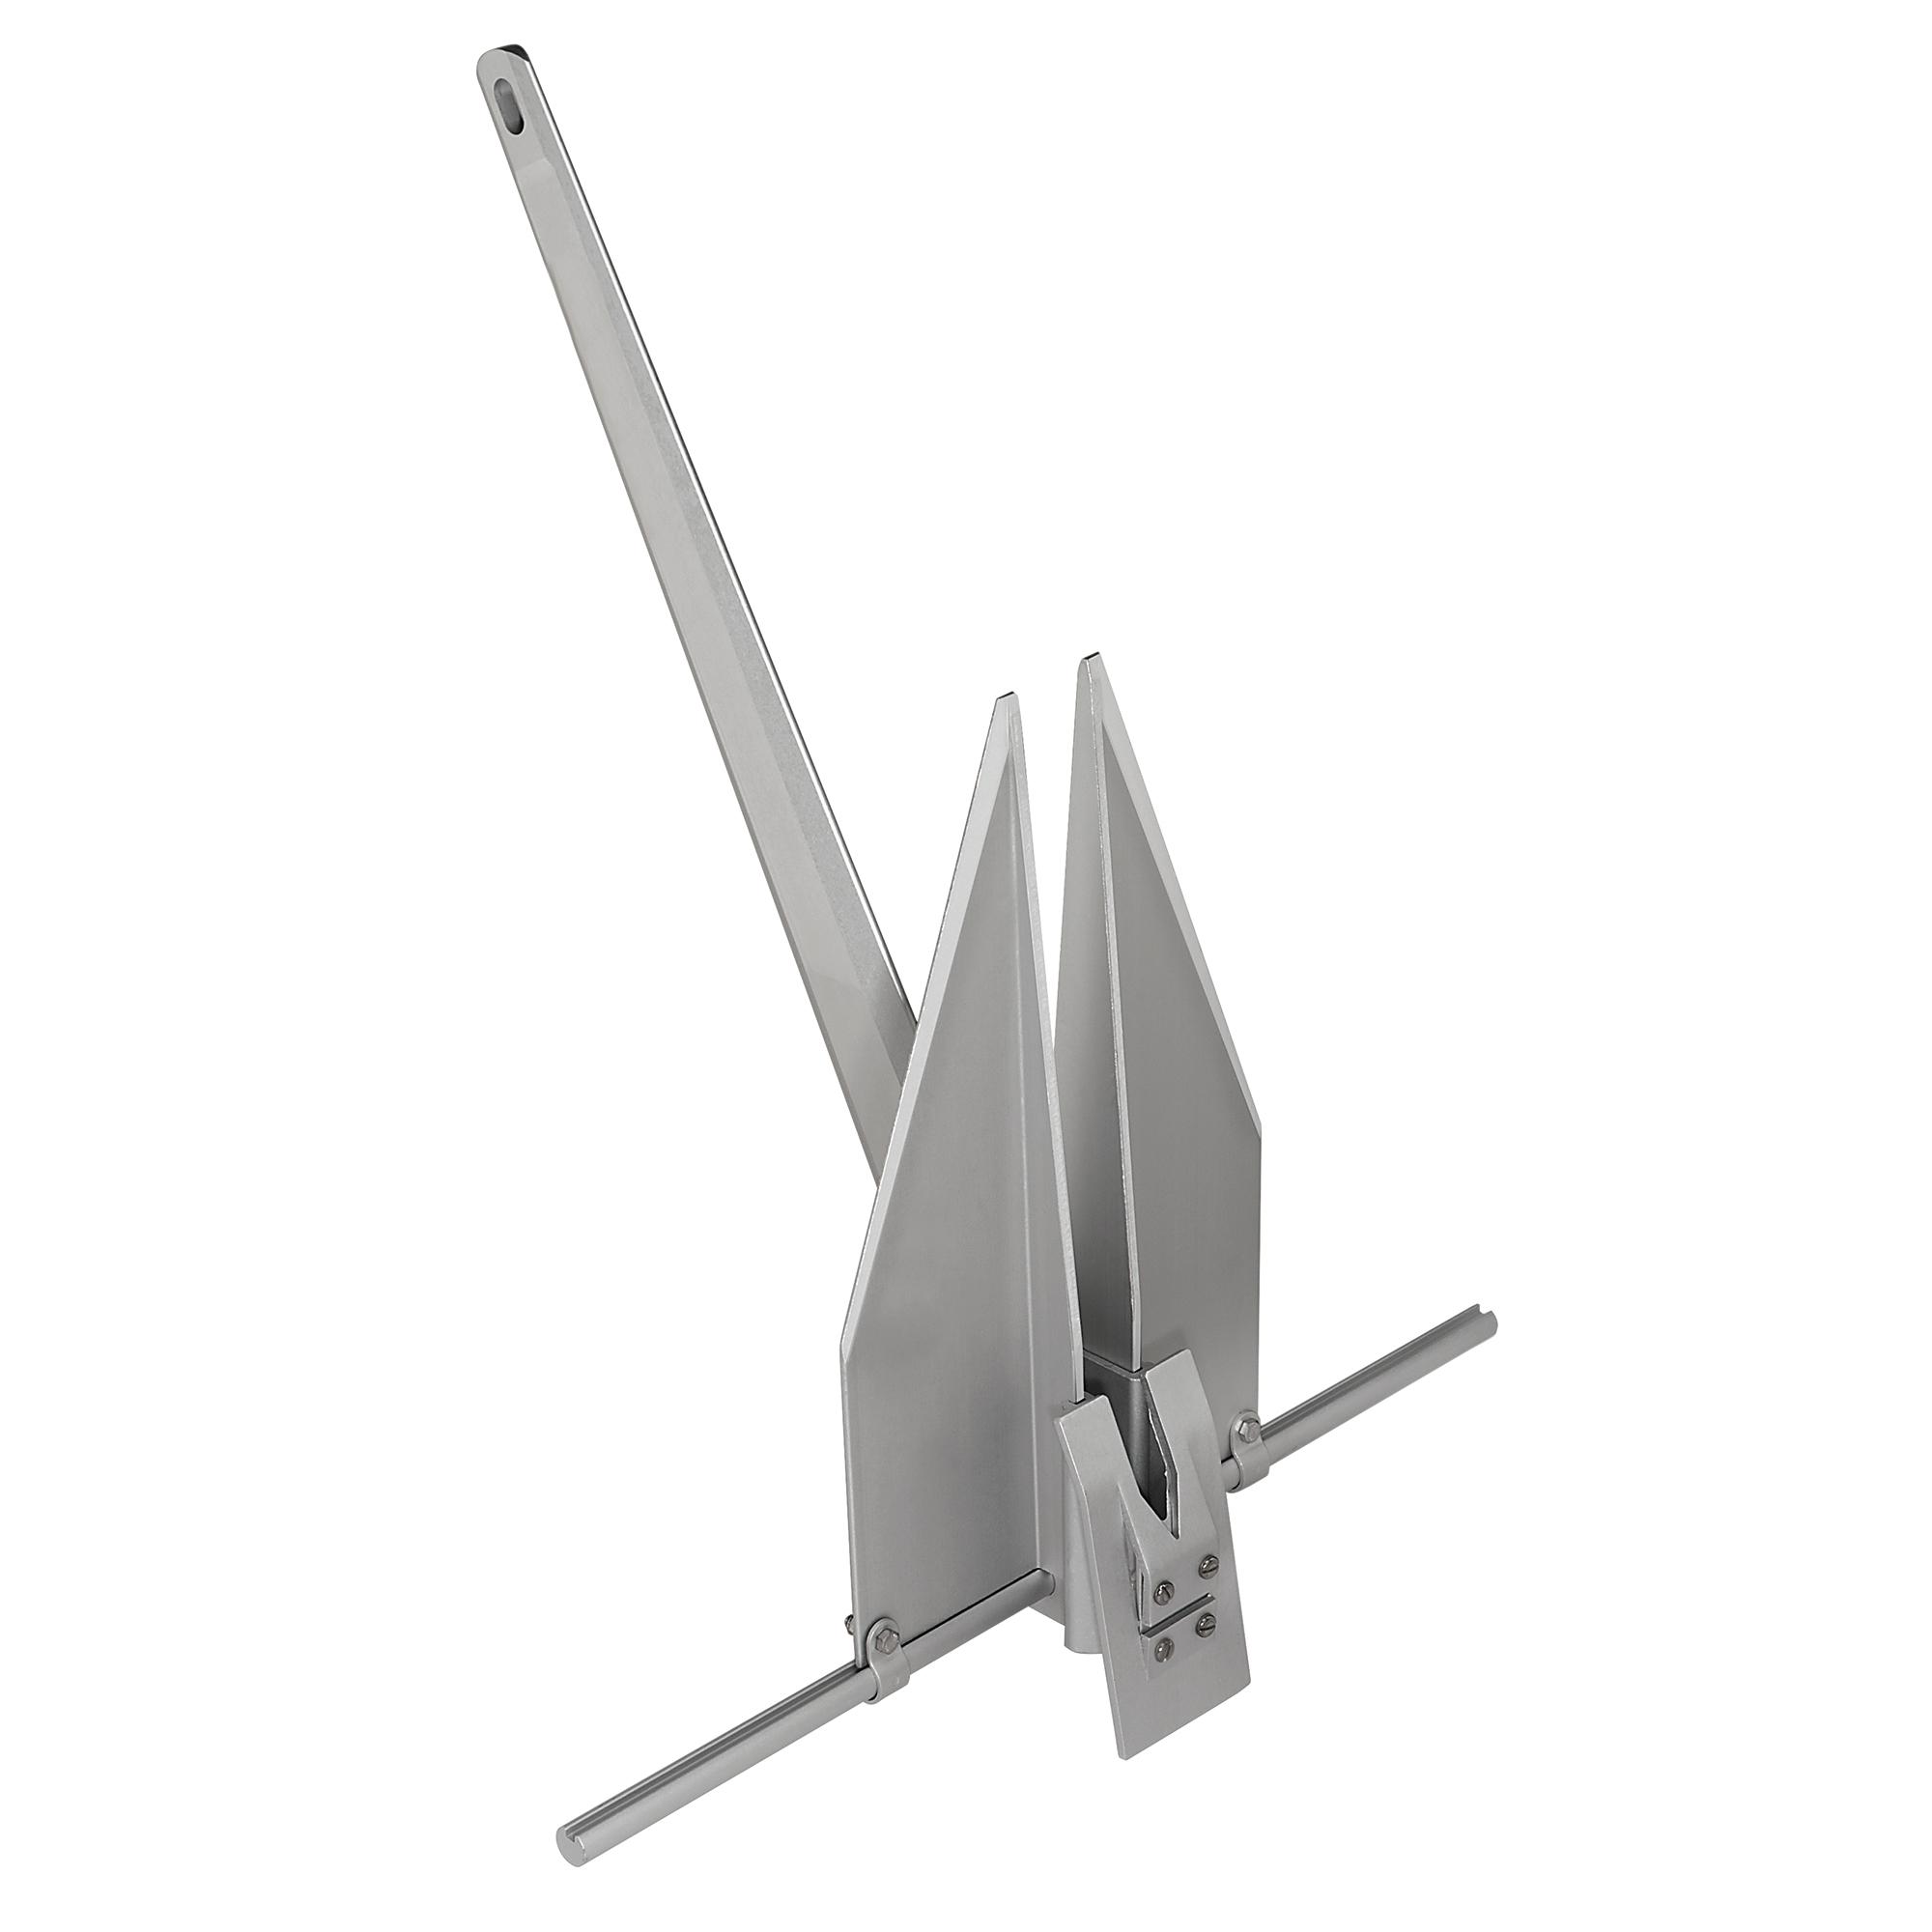 Fortress FX-23 Lightweight Aluminum Anchor